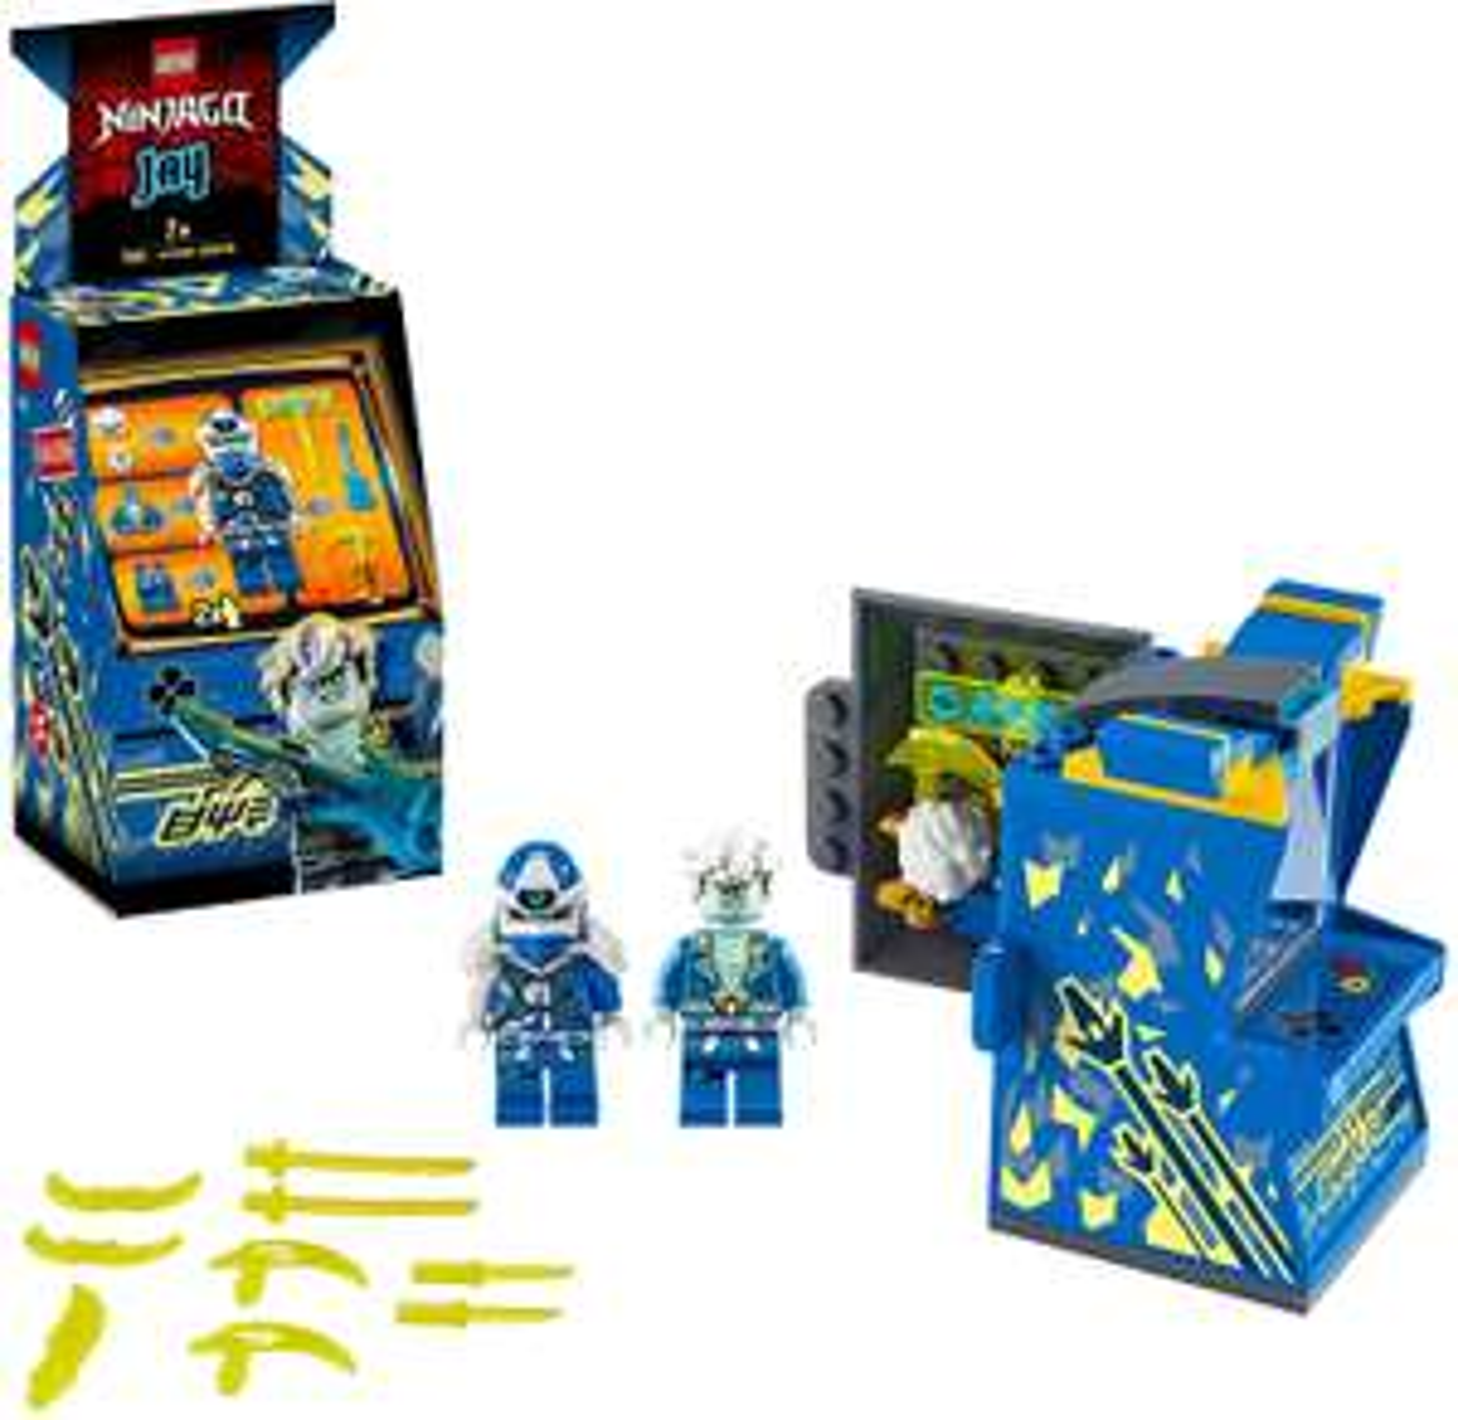 LEGO Ninjago - Avatar Jay - Arcade Kapsel (71715) für 7,20€ (Amazon Prime & Real Abholung)